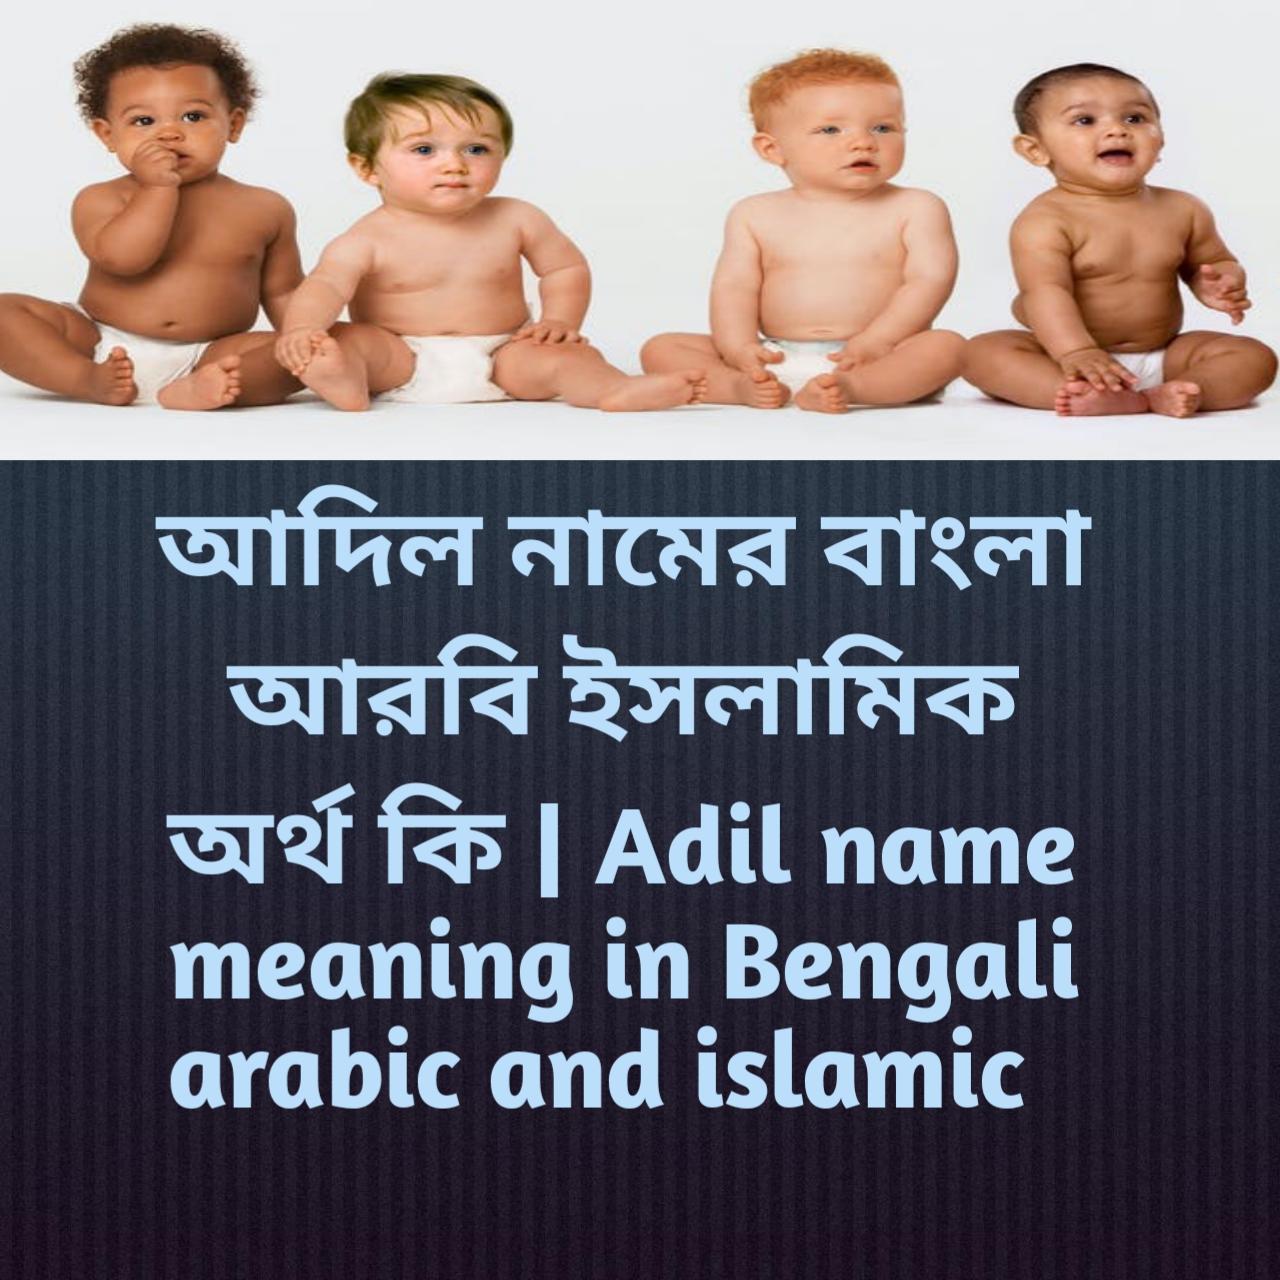 আদিল নামের অর্থ কি, আদিল নামের বাংলা অর্থ কি, আদিল নামের ইসলামিক অর্থ কি, Adil name meaning in Bengali, আদিল কি ইসলামিক নাম,